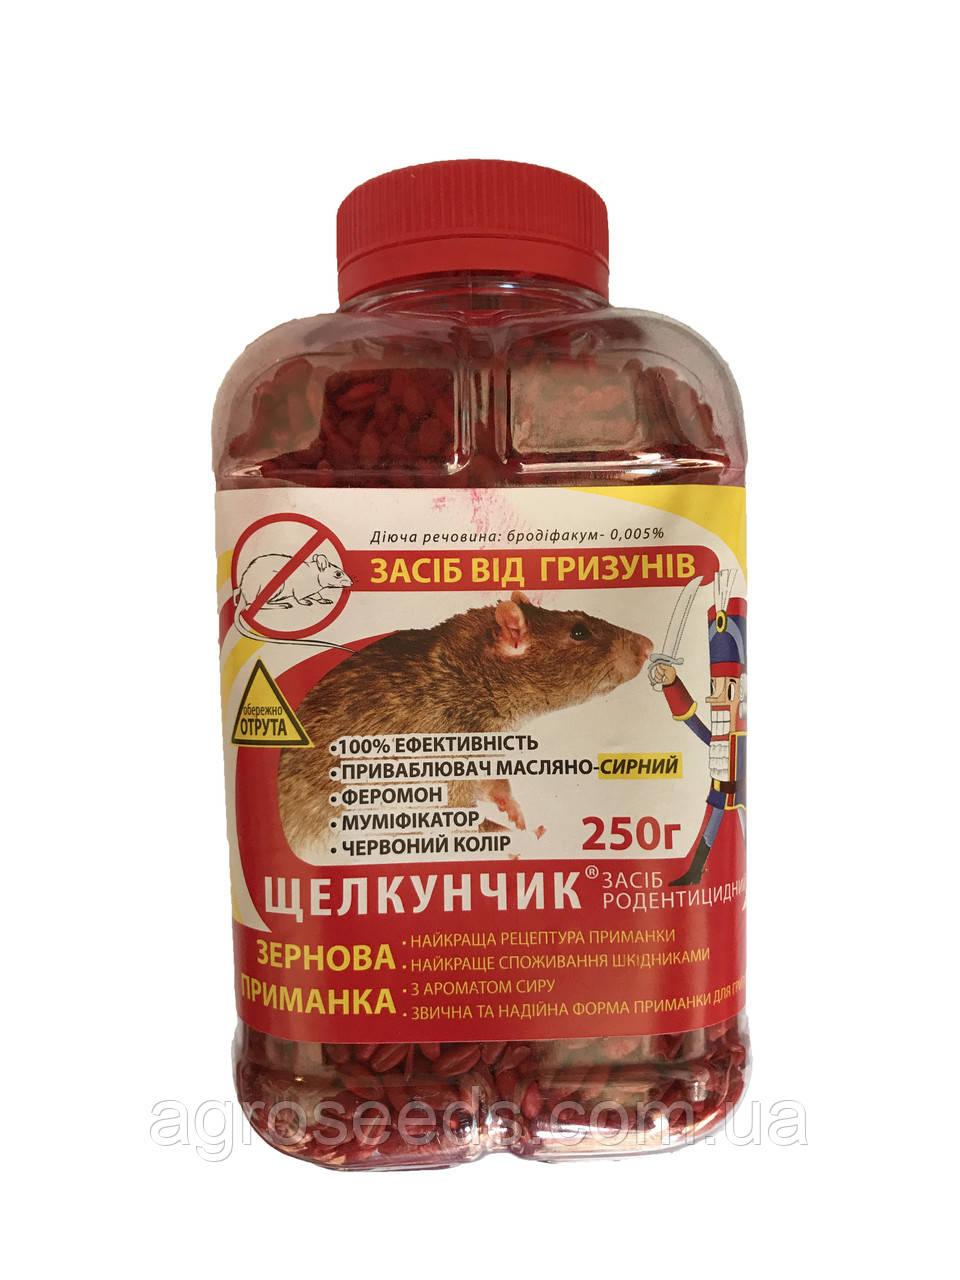 Щелкунчик зерно 250 г сыр